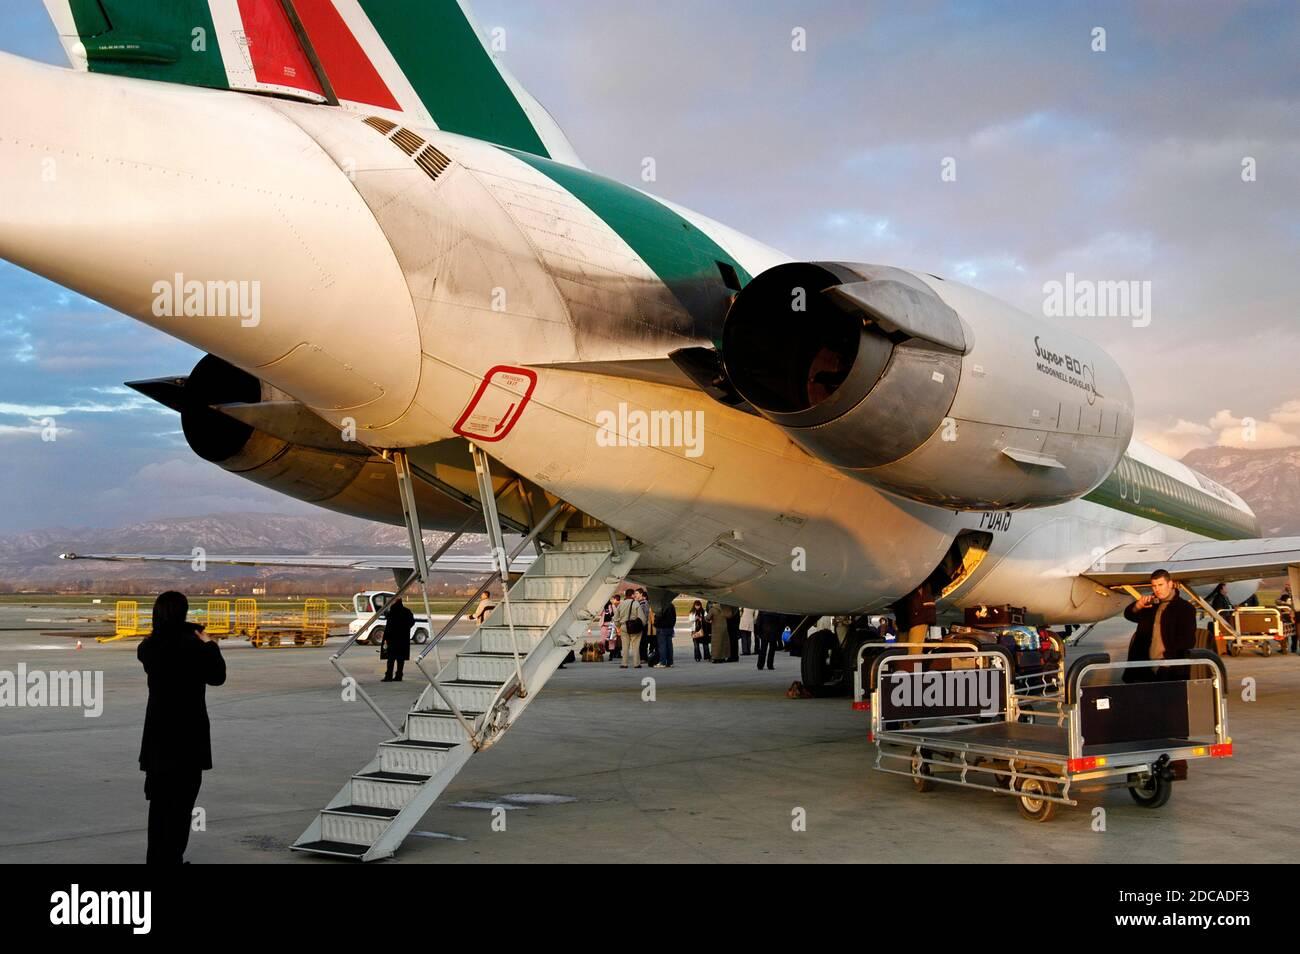 Descarga de vuelos de Alitalia en el aeropuerto de Mother Theresa, Tirana, Albania Foto de stock